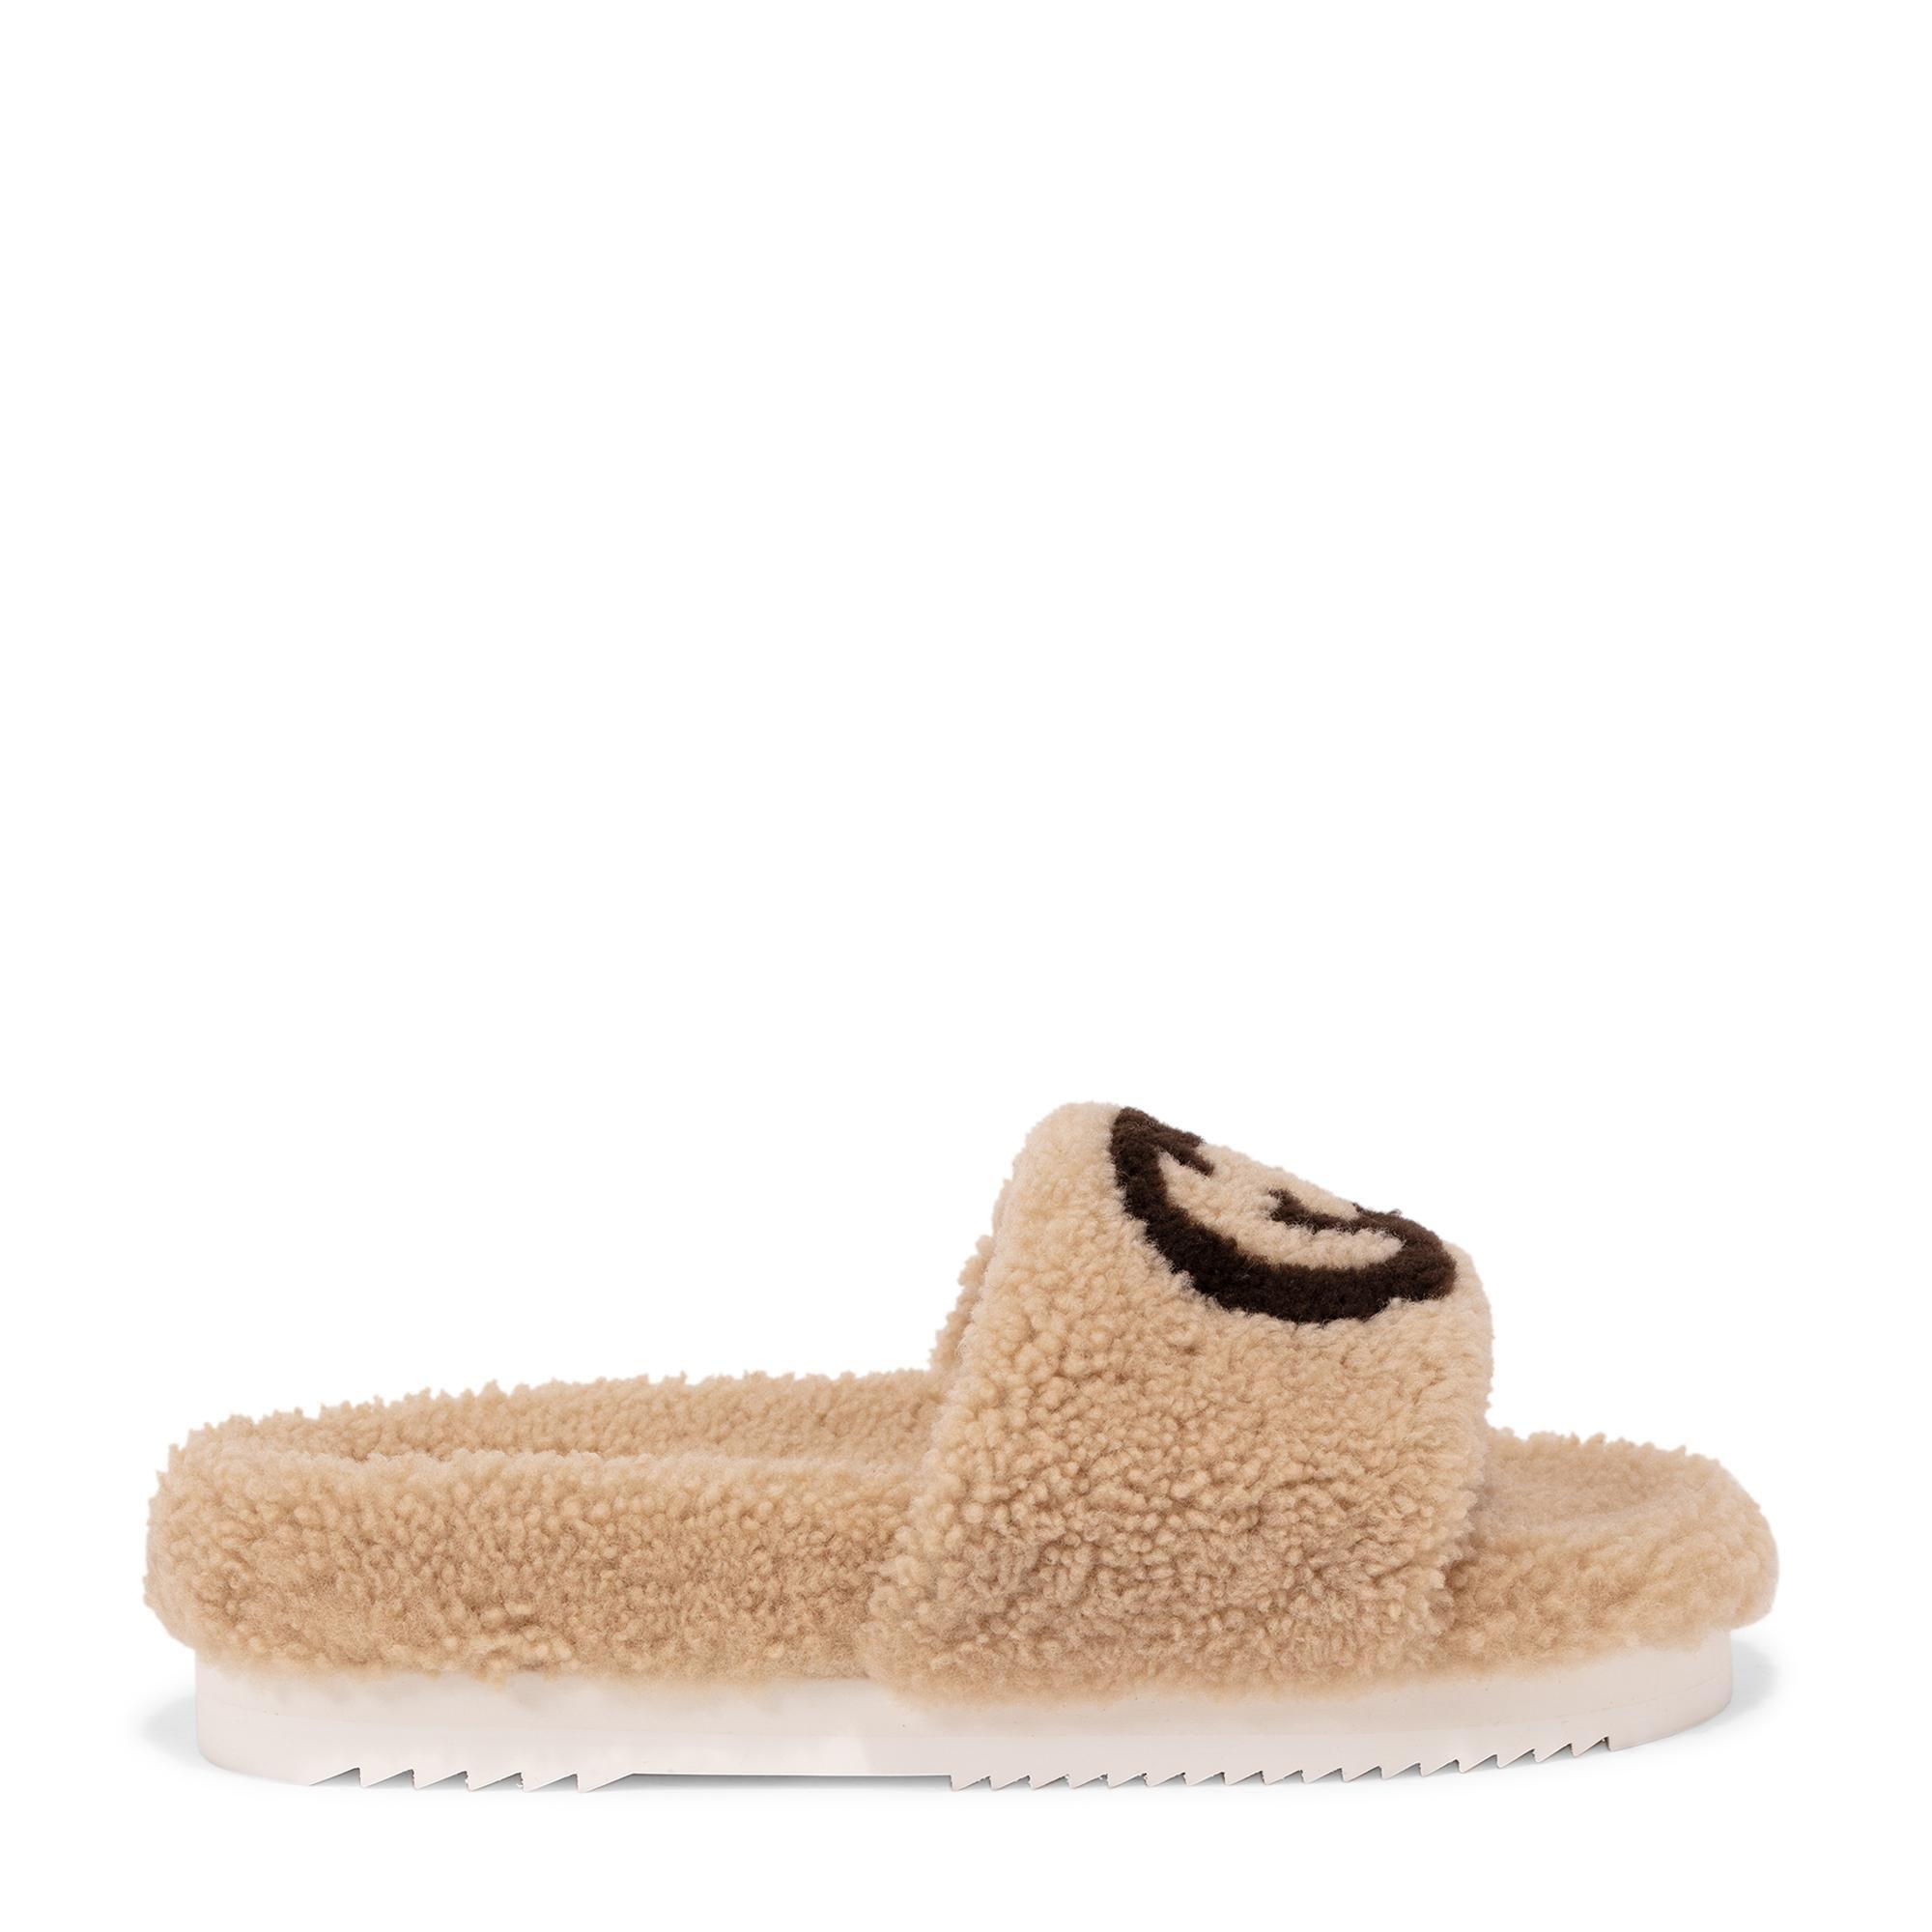 Interlocking G slide sandals